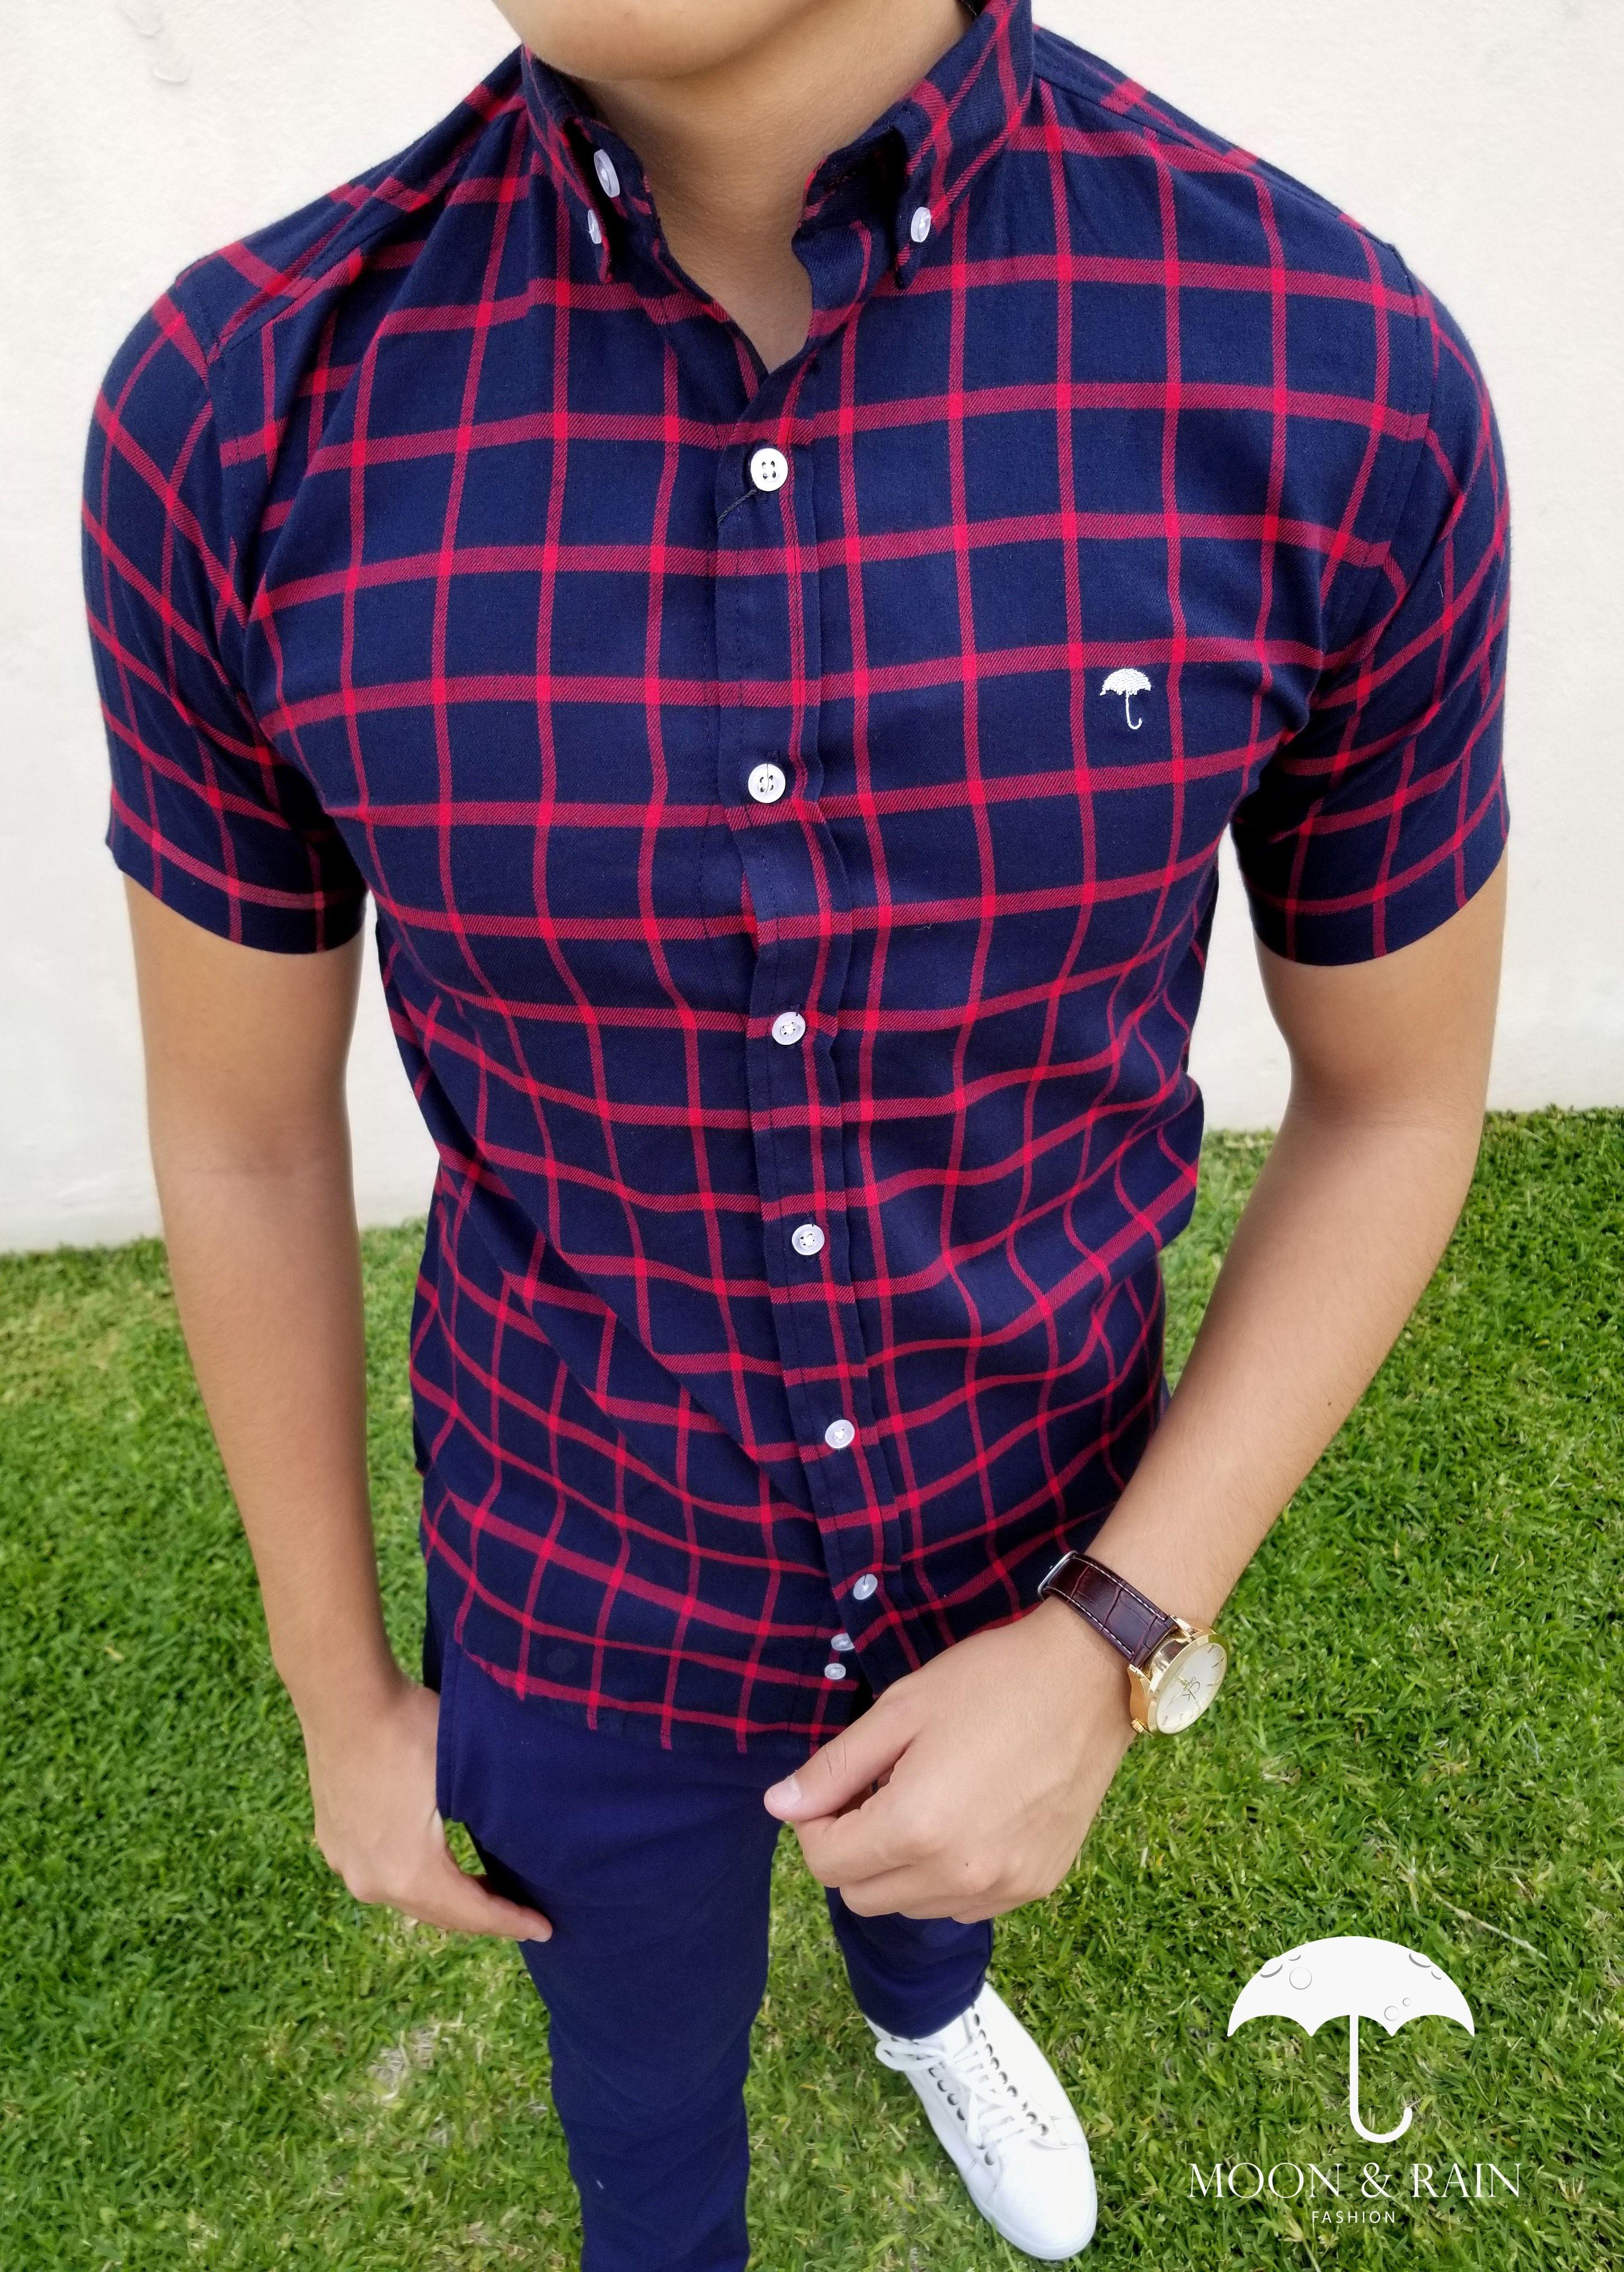 1b5b61ea44755 Ropa para hombre ideal para una ocasión casual y o formal  Camisa Manga  Corta Cuadros Marino- Rojo y Pantalón de Vestir de la marca Moon   Rain